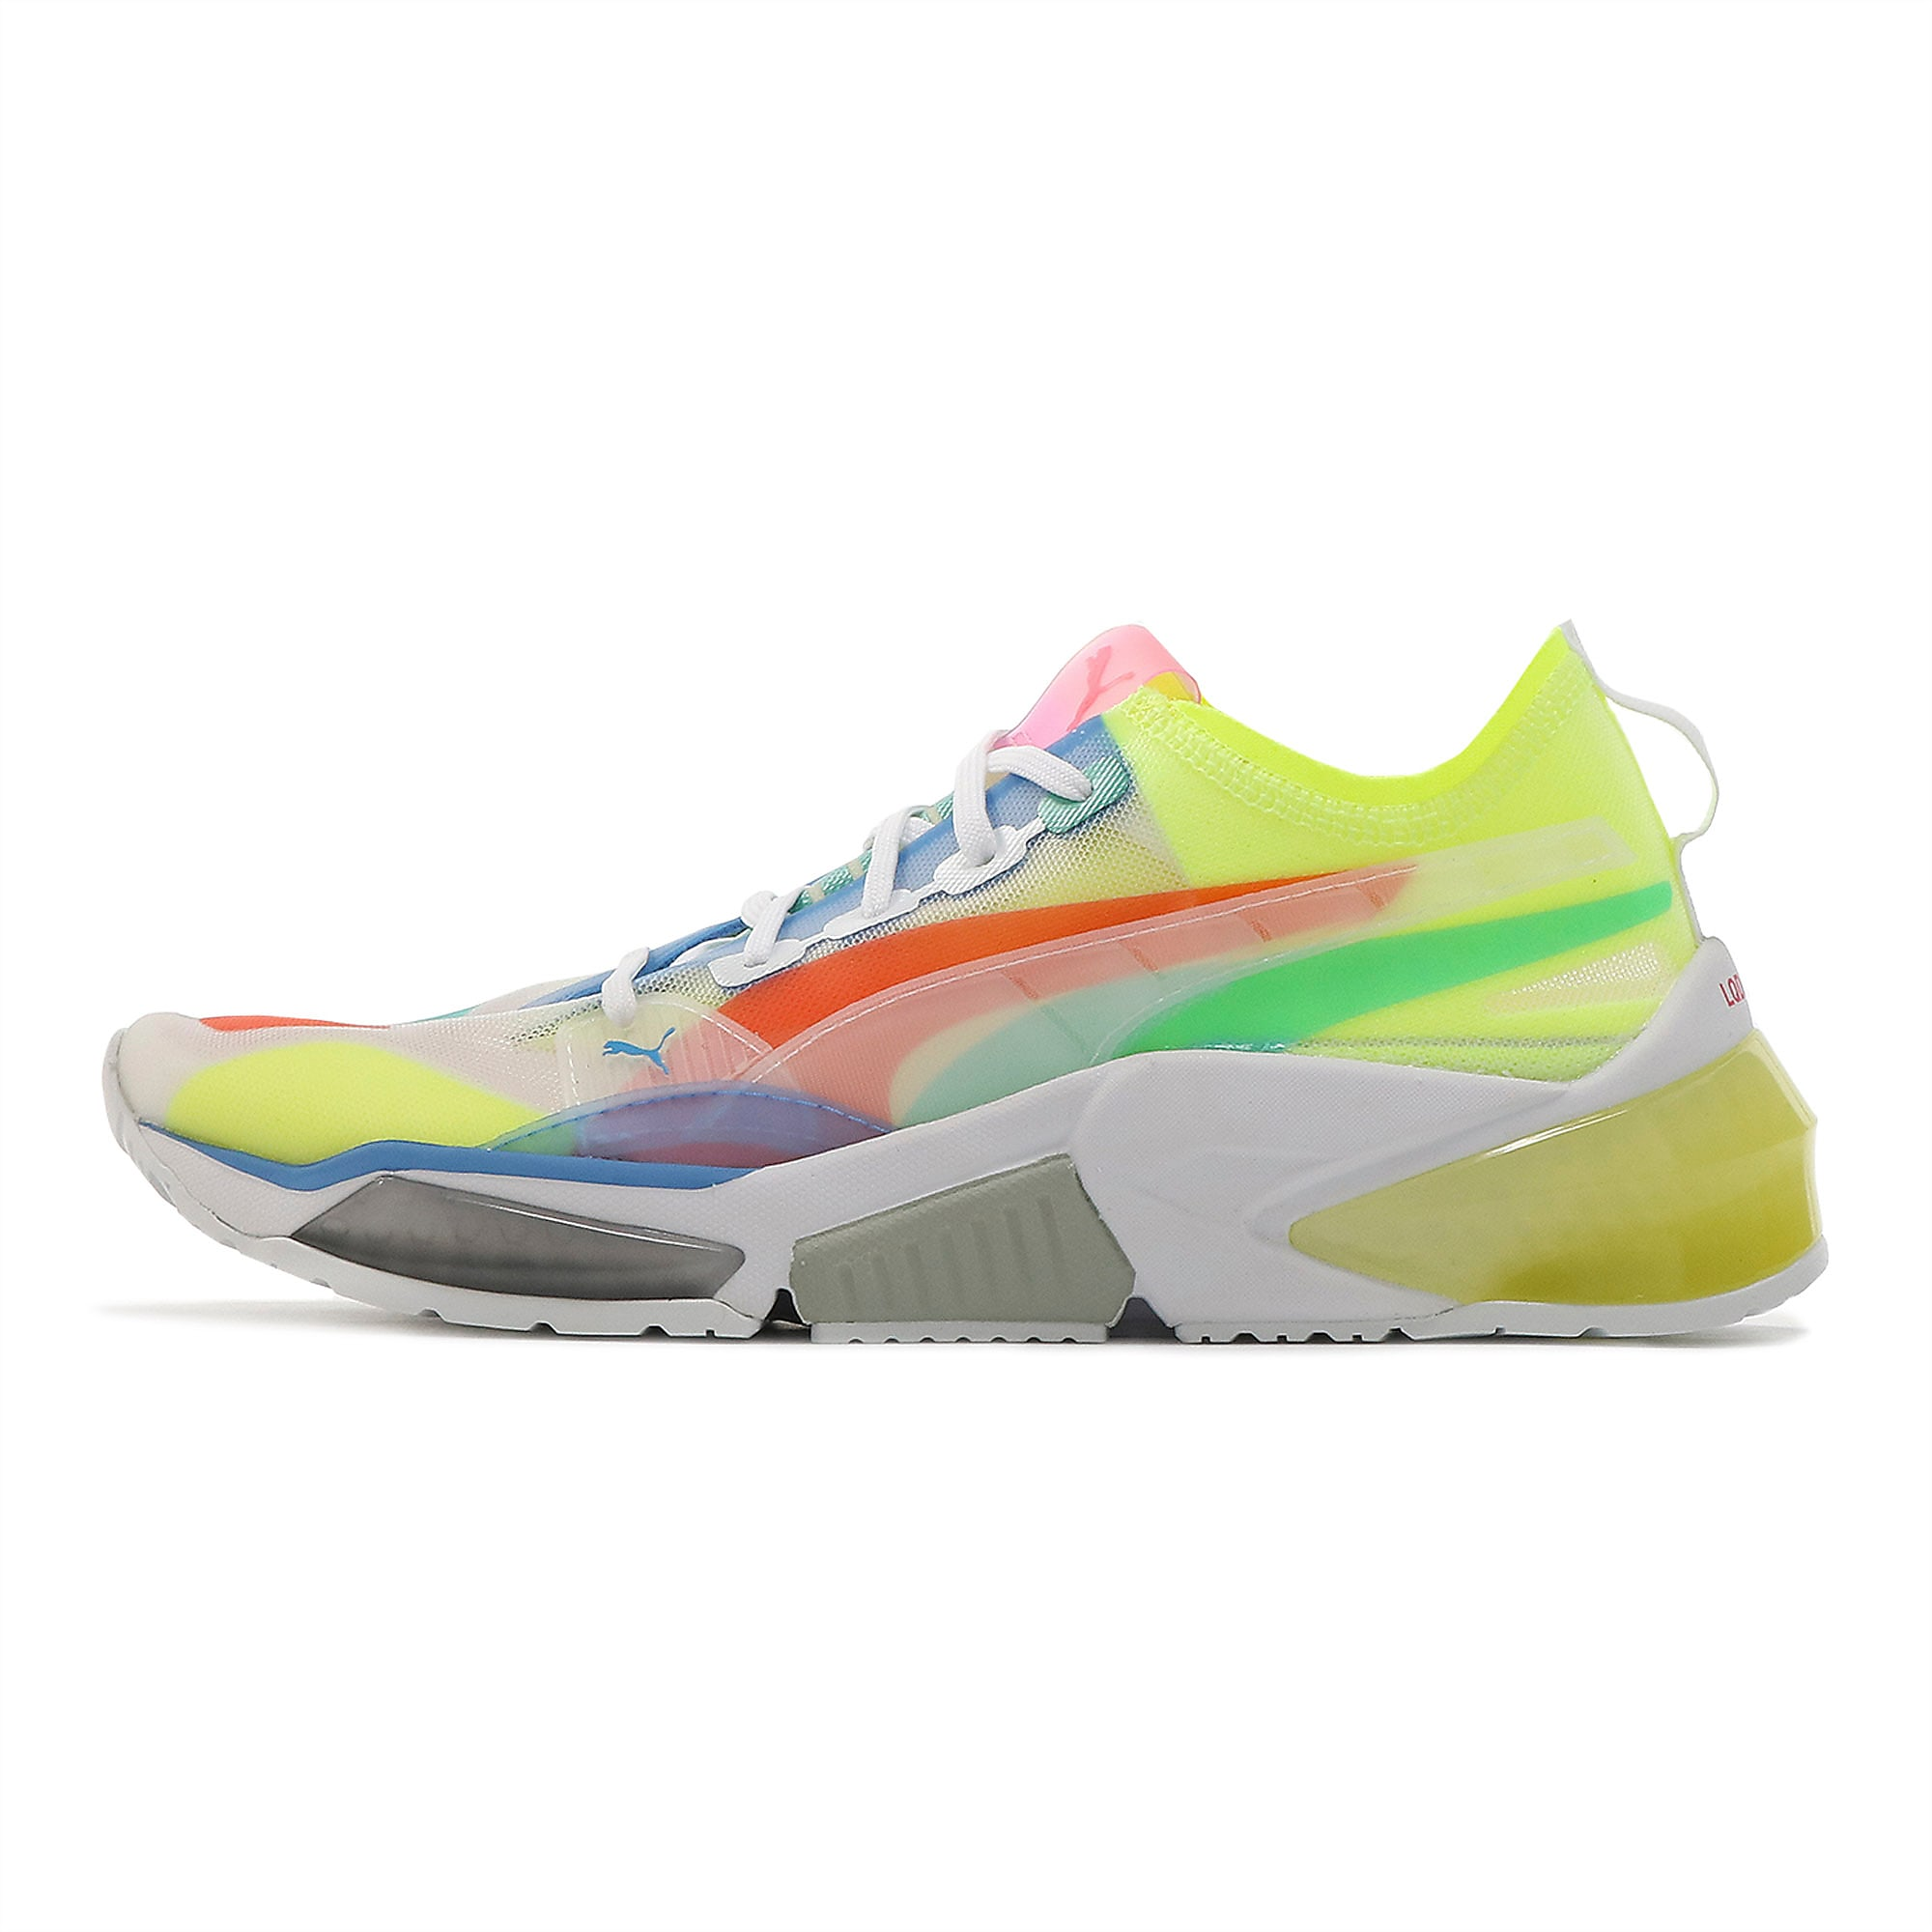 LQDCELL Optic Sheer Women's Training Shoes